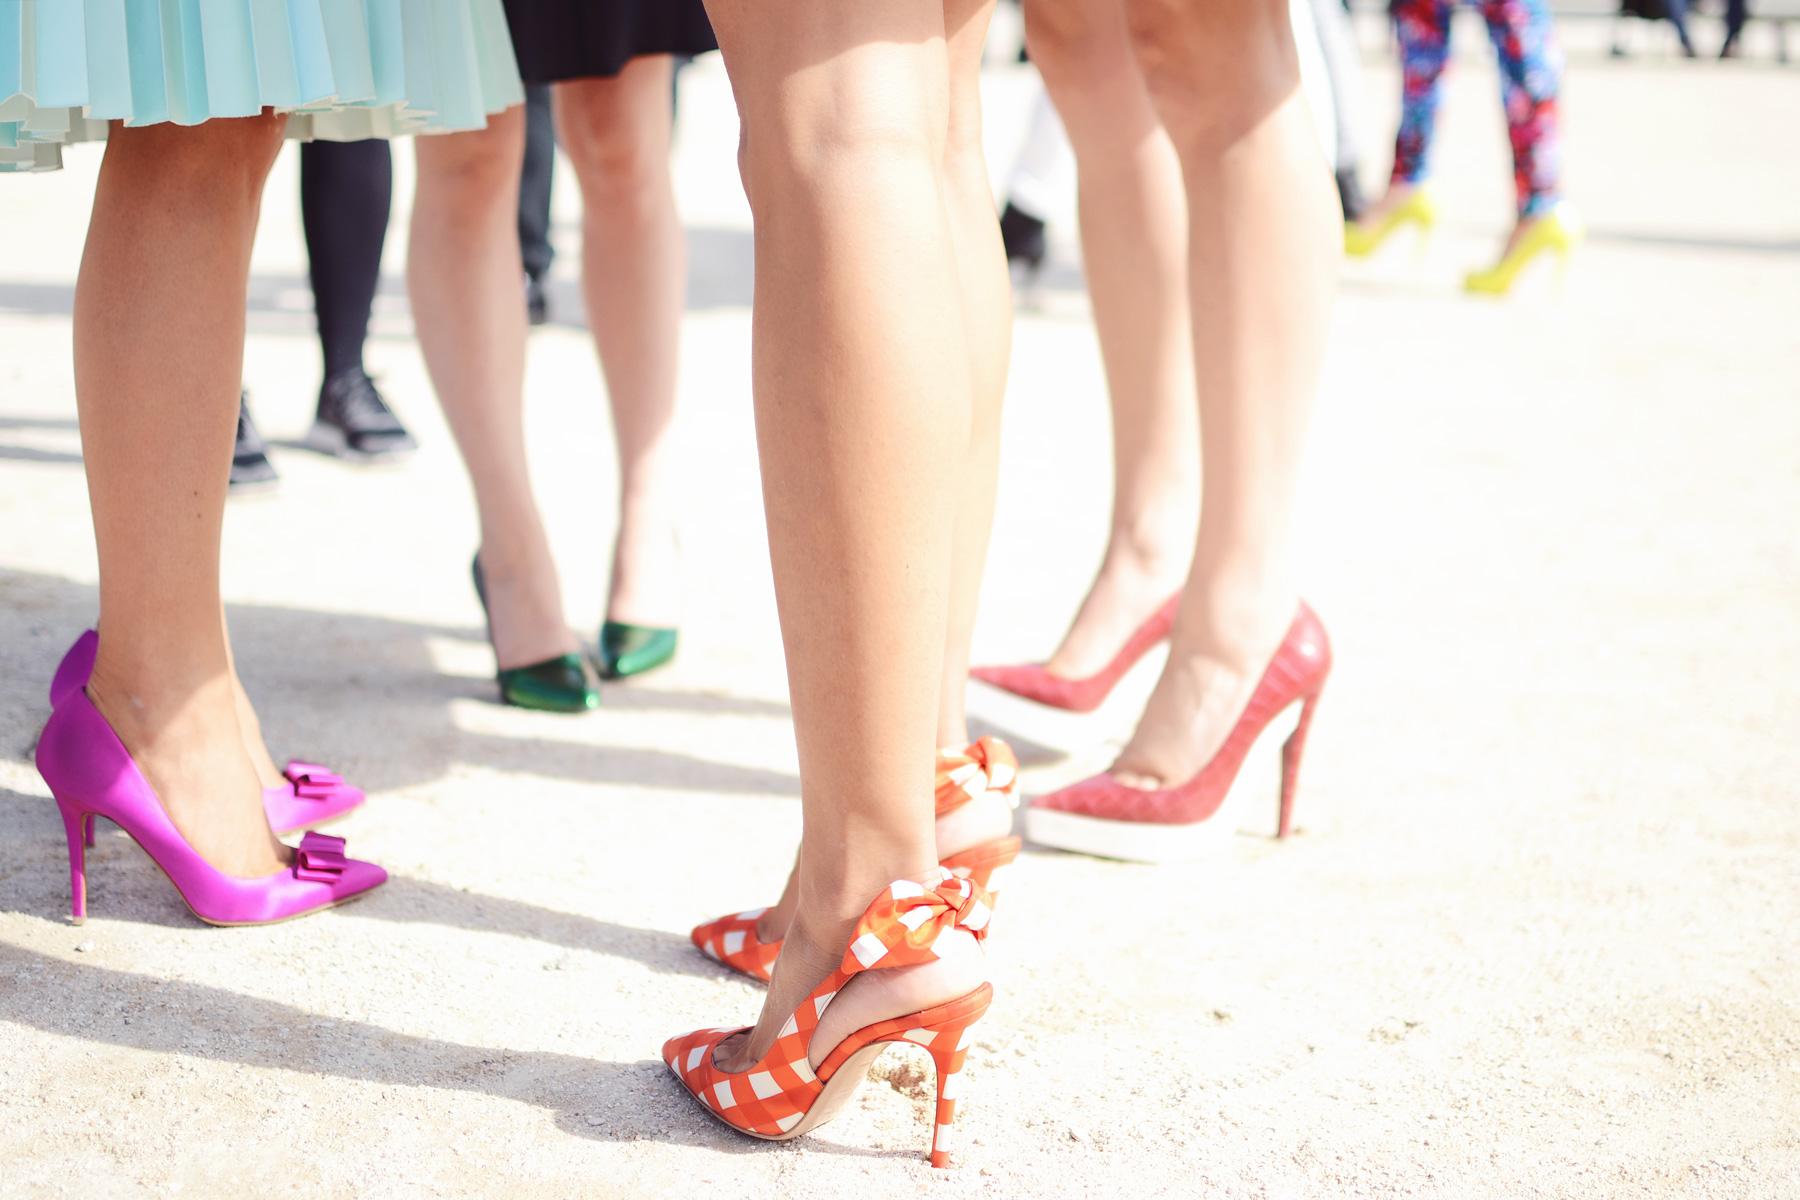 Paris Fashion Week by Carin Olsson (Paris in Four Months)